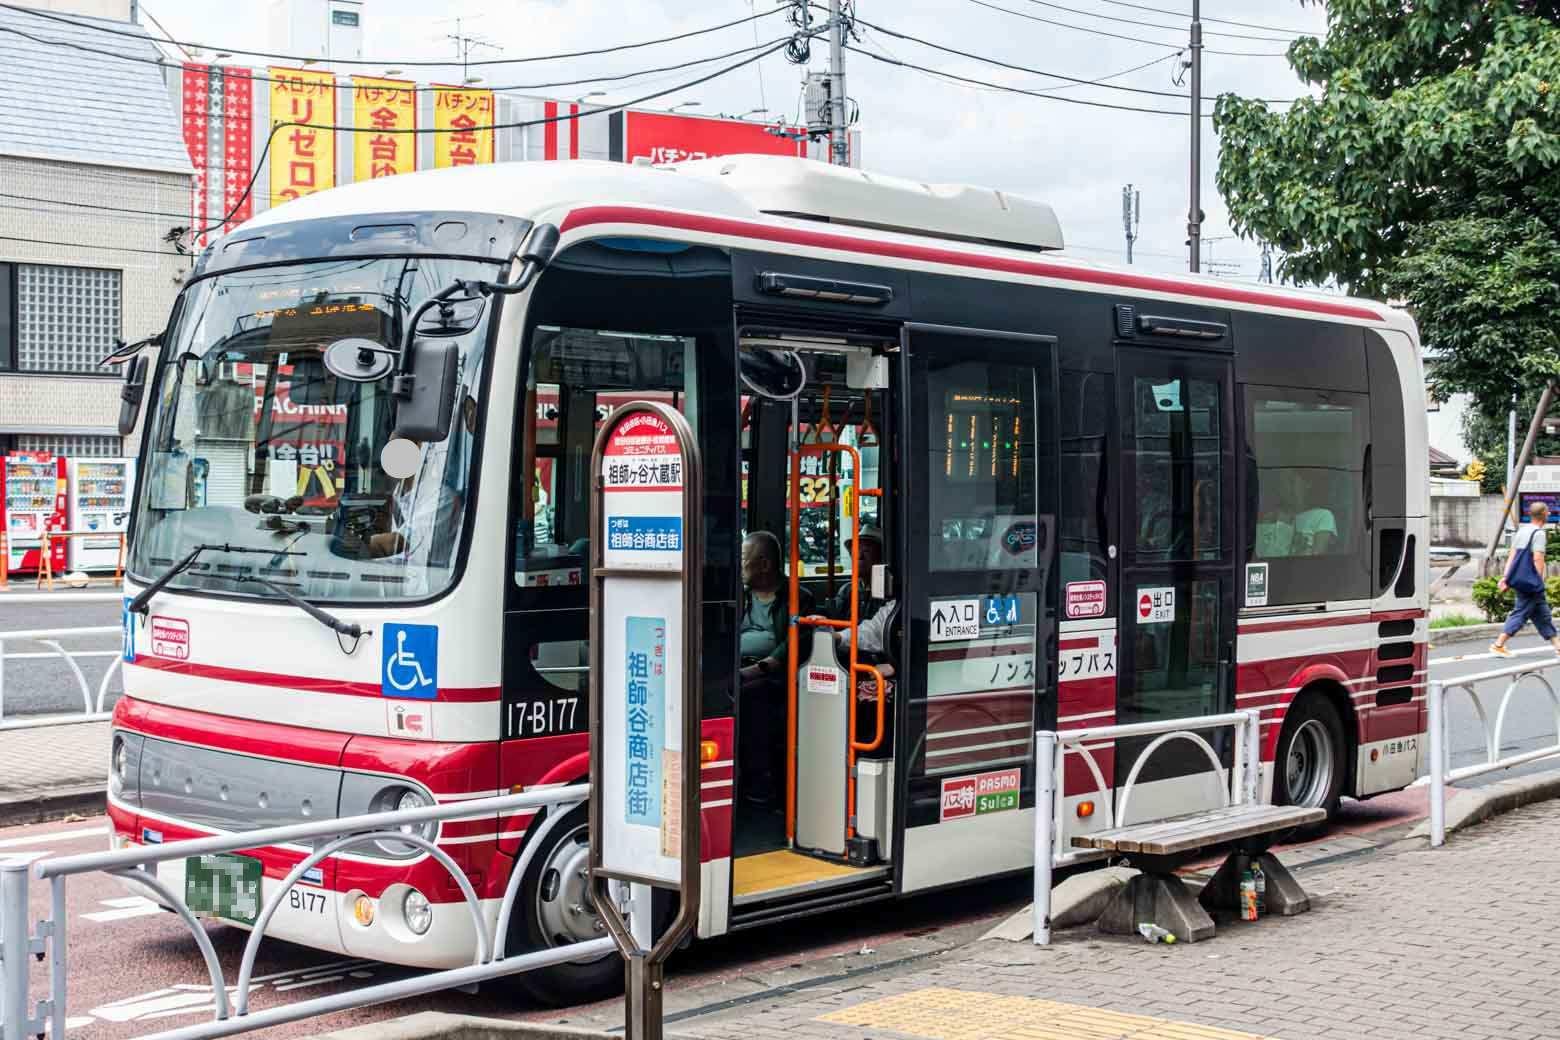 駅前に東急バスと小田急シティバスの乗り場もあります。写真は地域の主要施設を循環しているコミュニティバス。ずんぐりしたフォルムがキュートですね。〈くるりんバス〉という愛称で地域住民から親しまれているそうですよ。